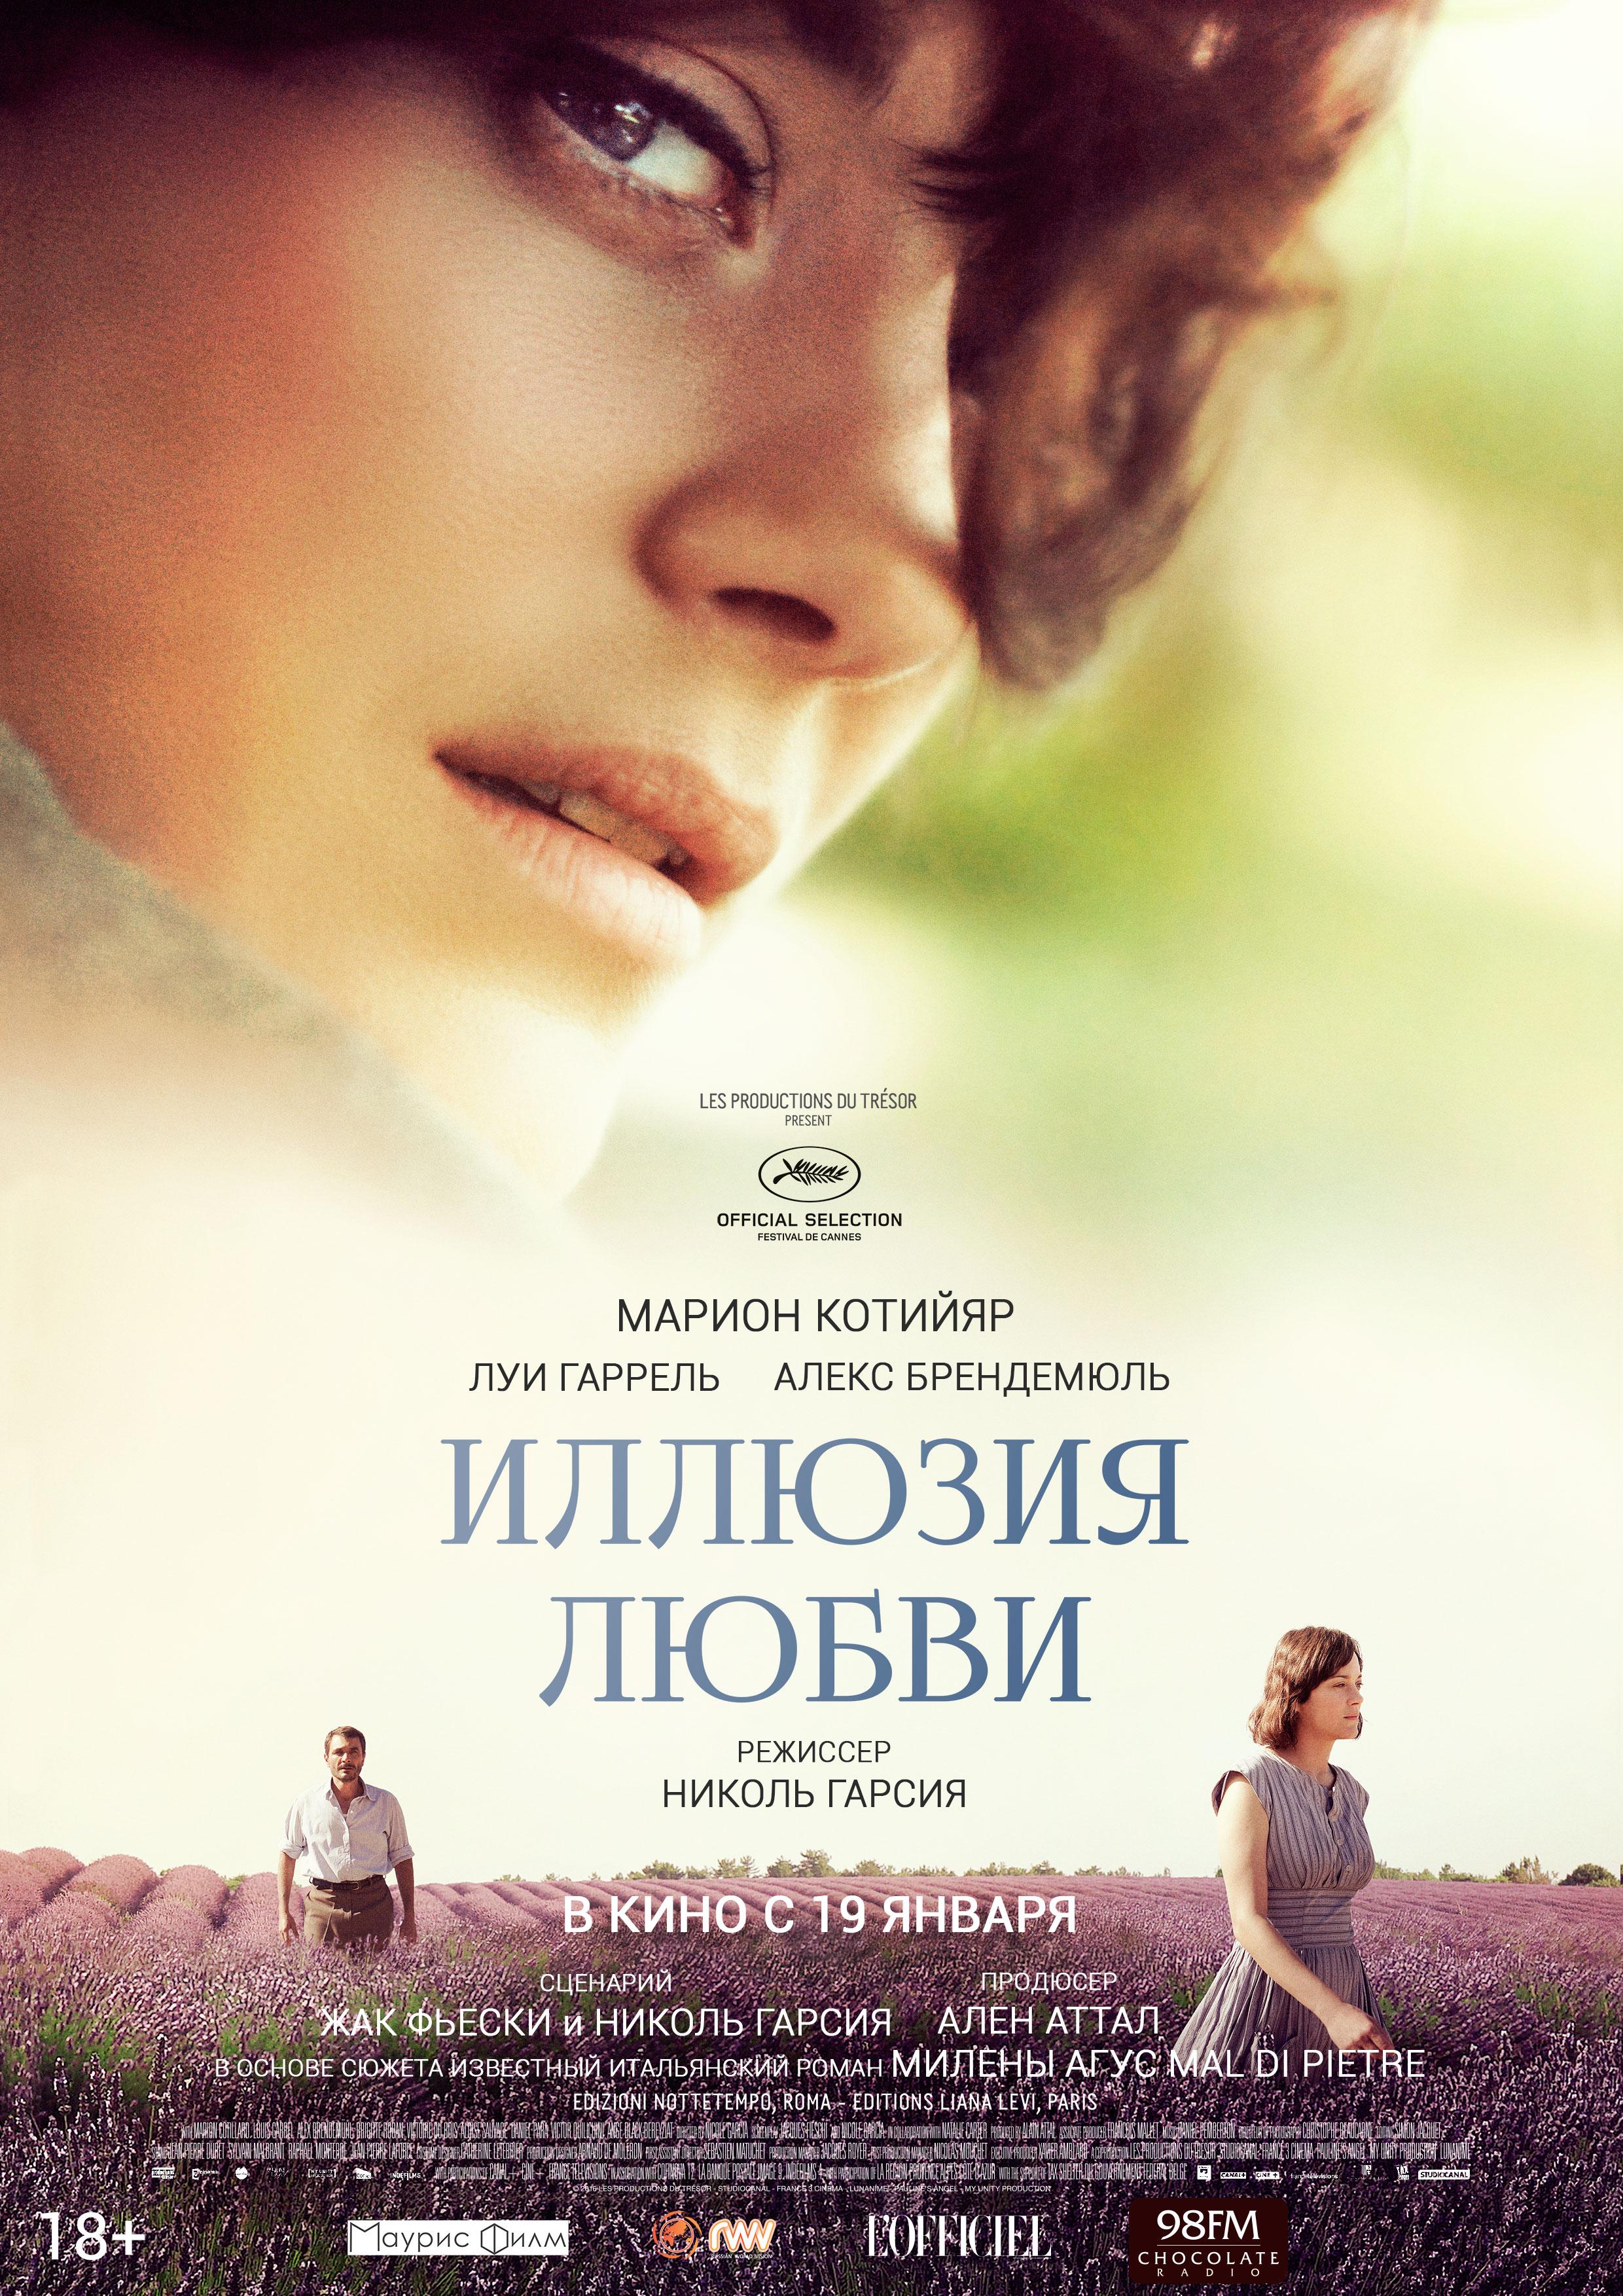 Чужой Завет 2017 смотреть онлайн фильм в хорошем качестве